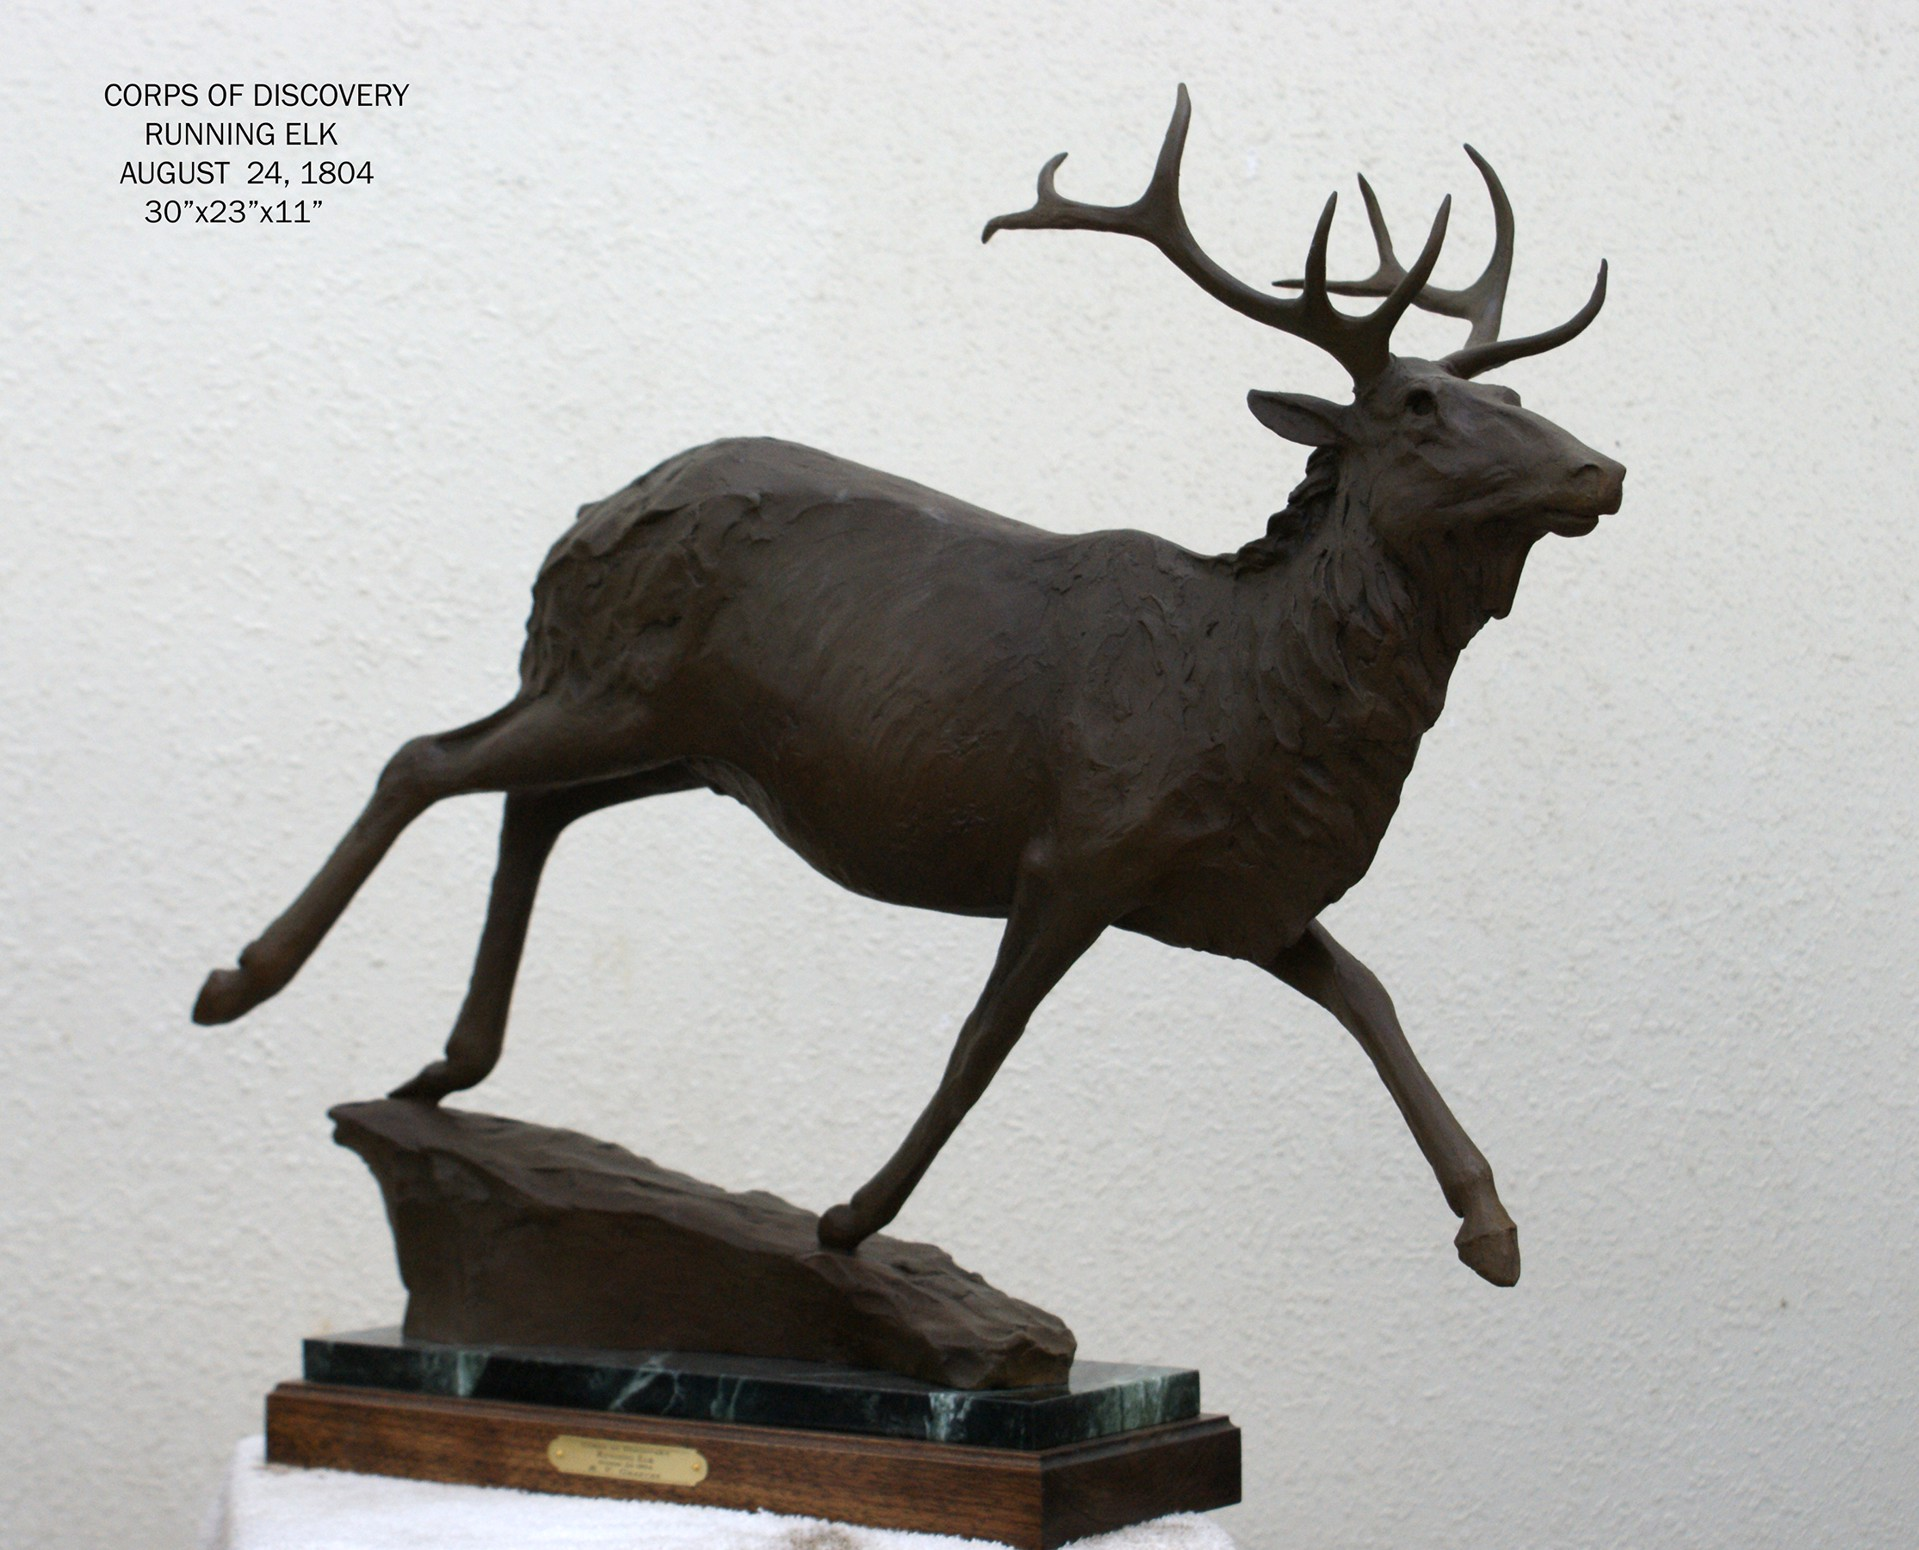 Running Elk by Richard Greeves